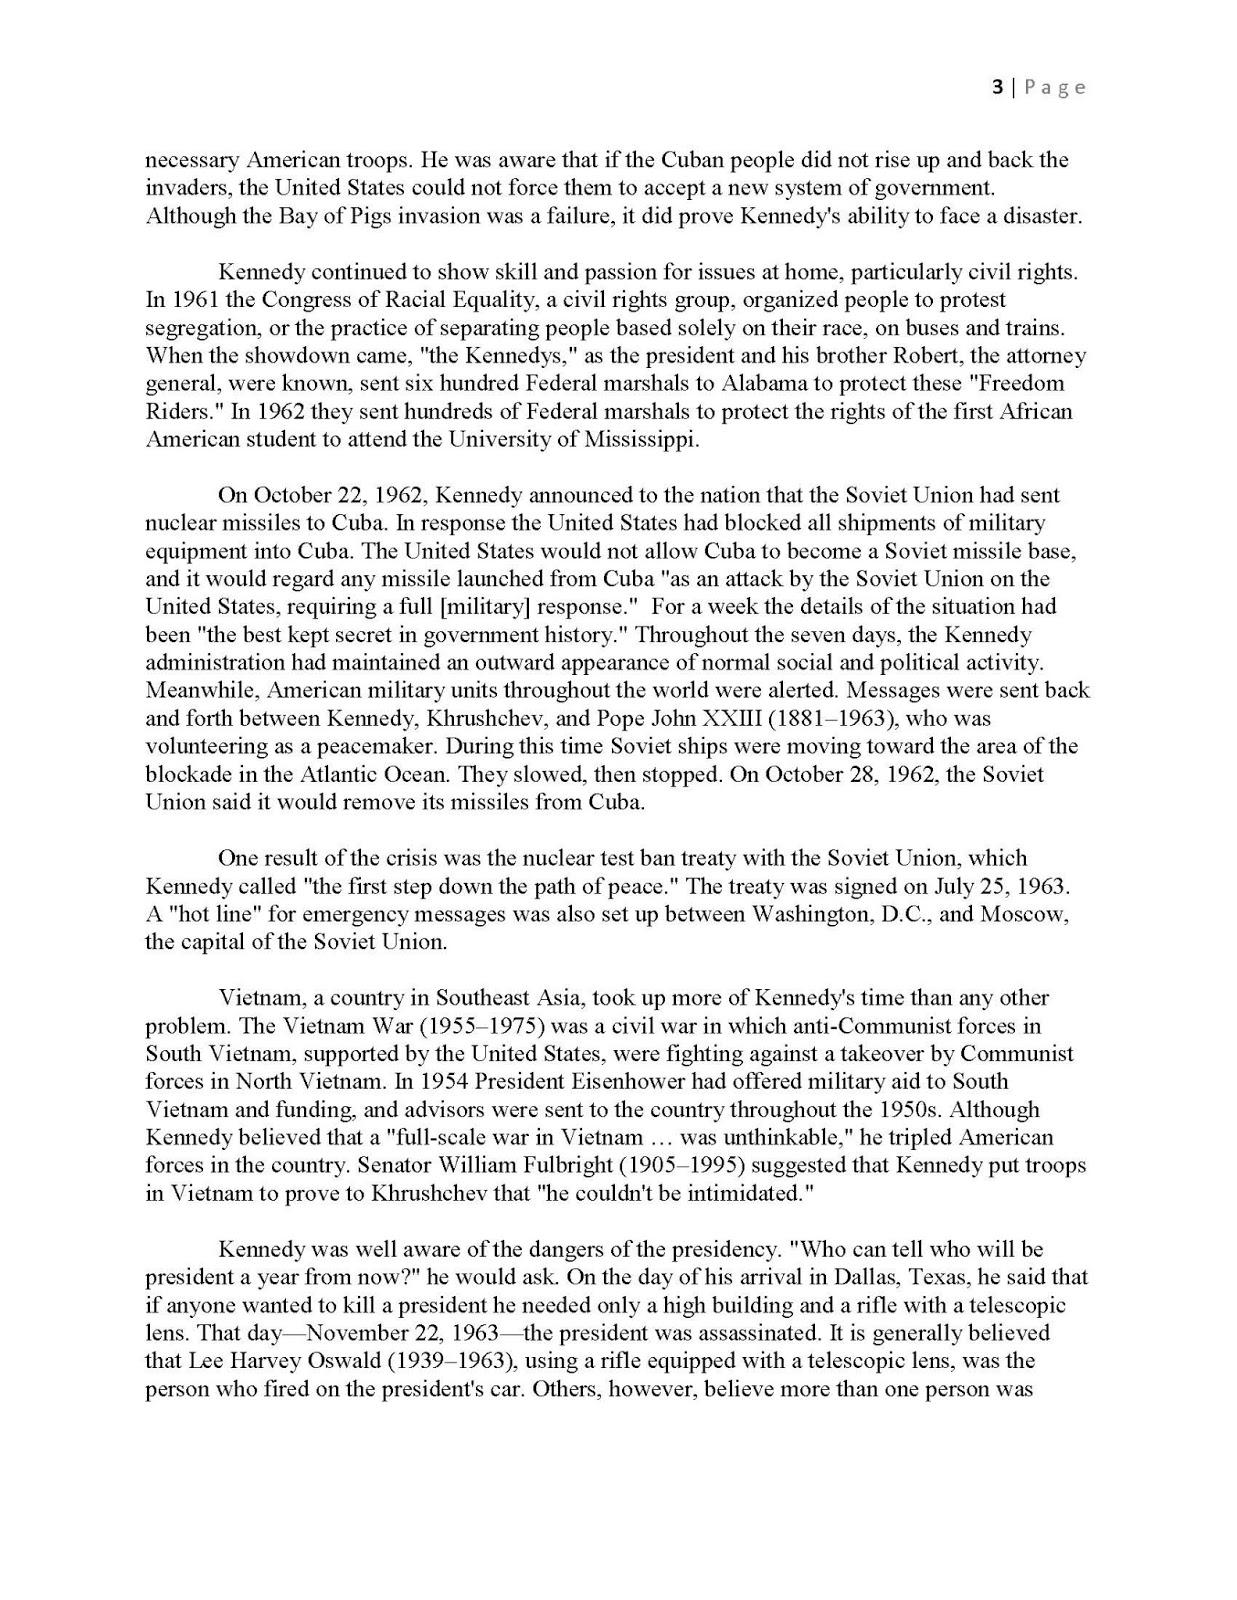 023 Mla Format Narrative Essay Jfkmlashortformbiographyreportexample Page 3 Staggering Full